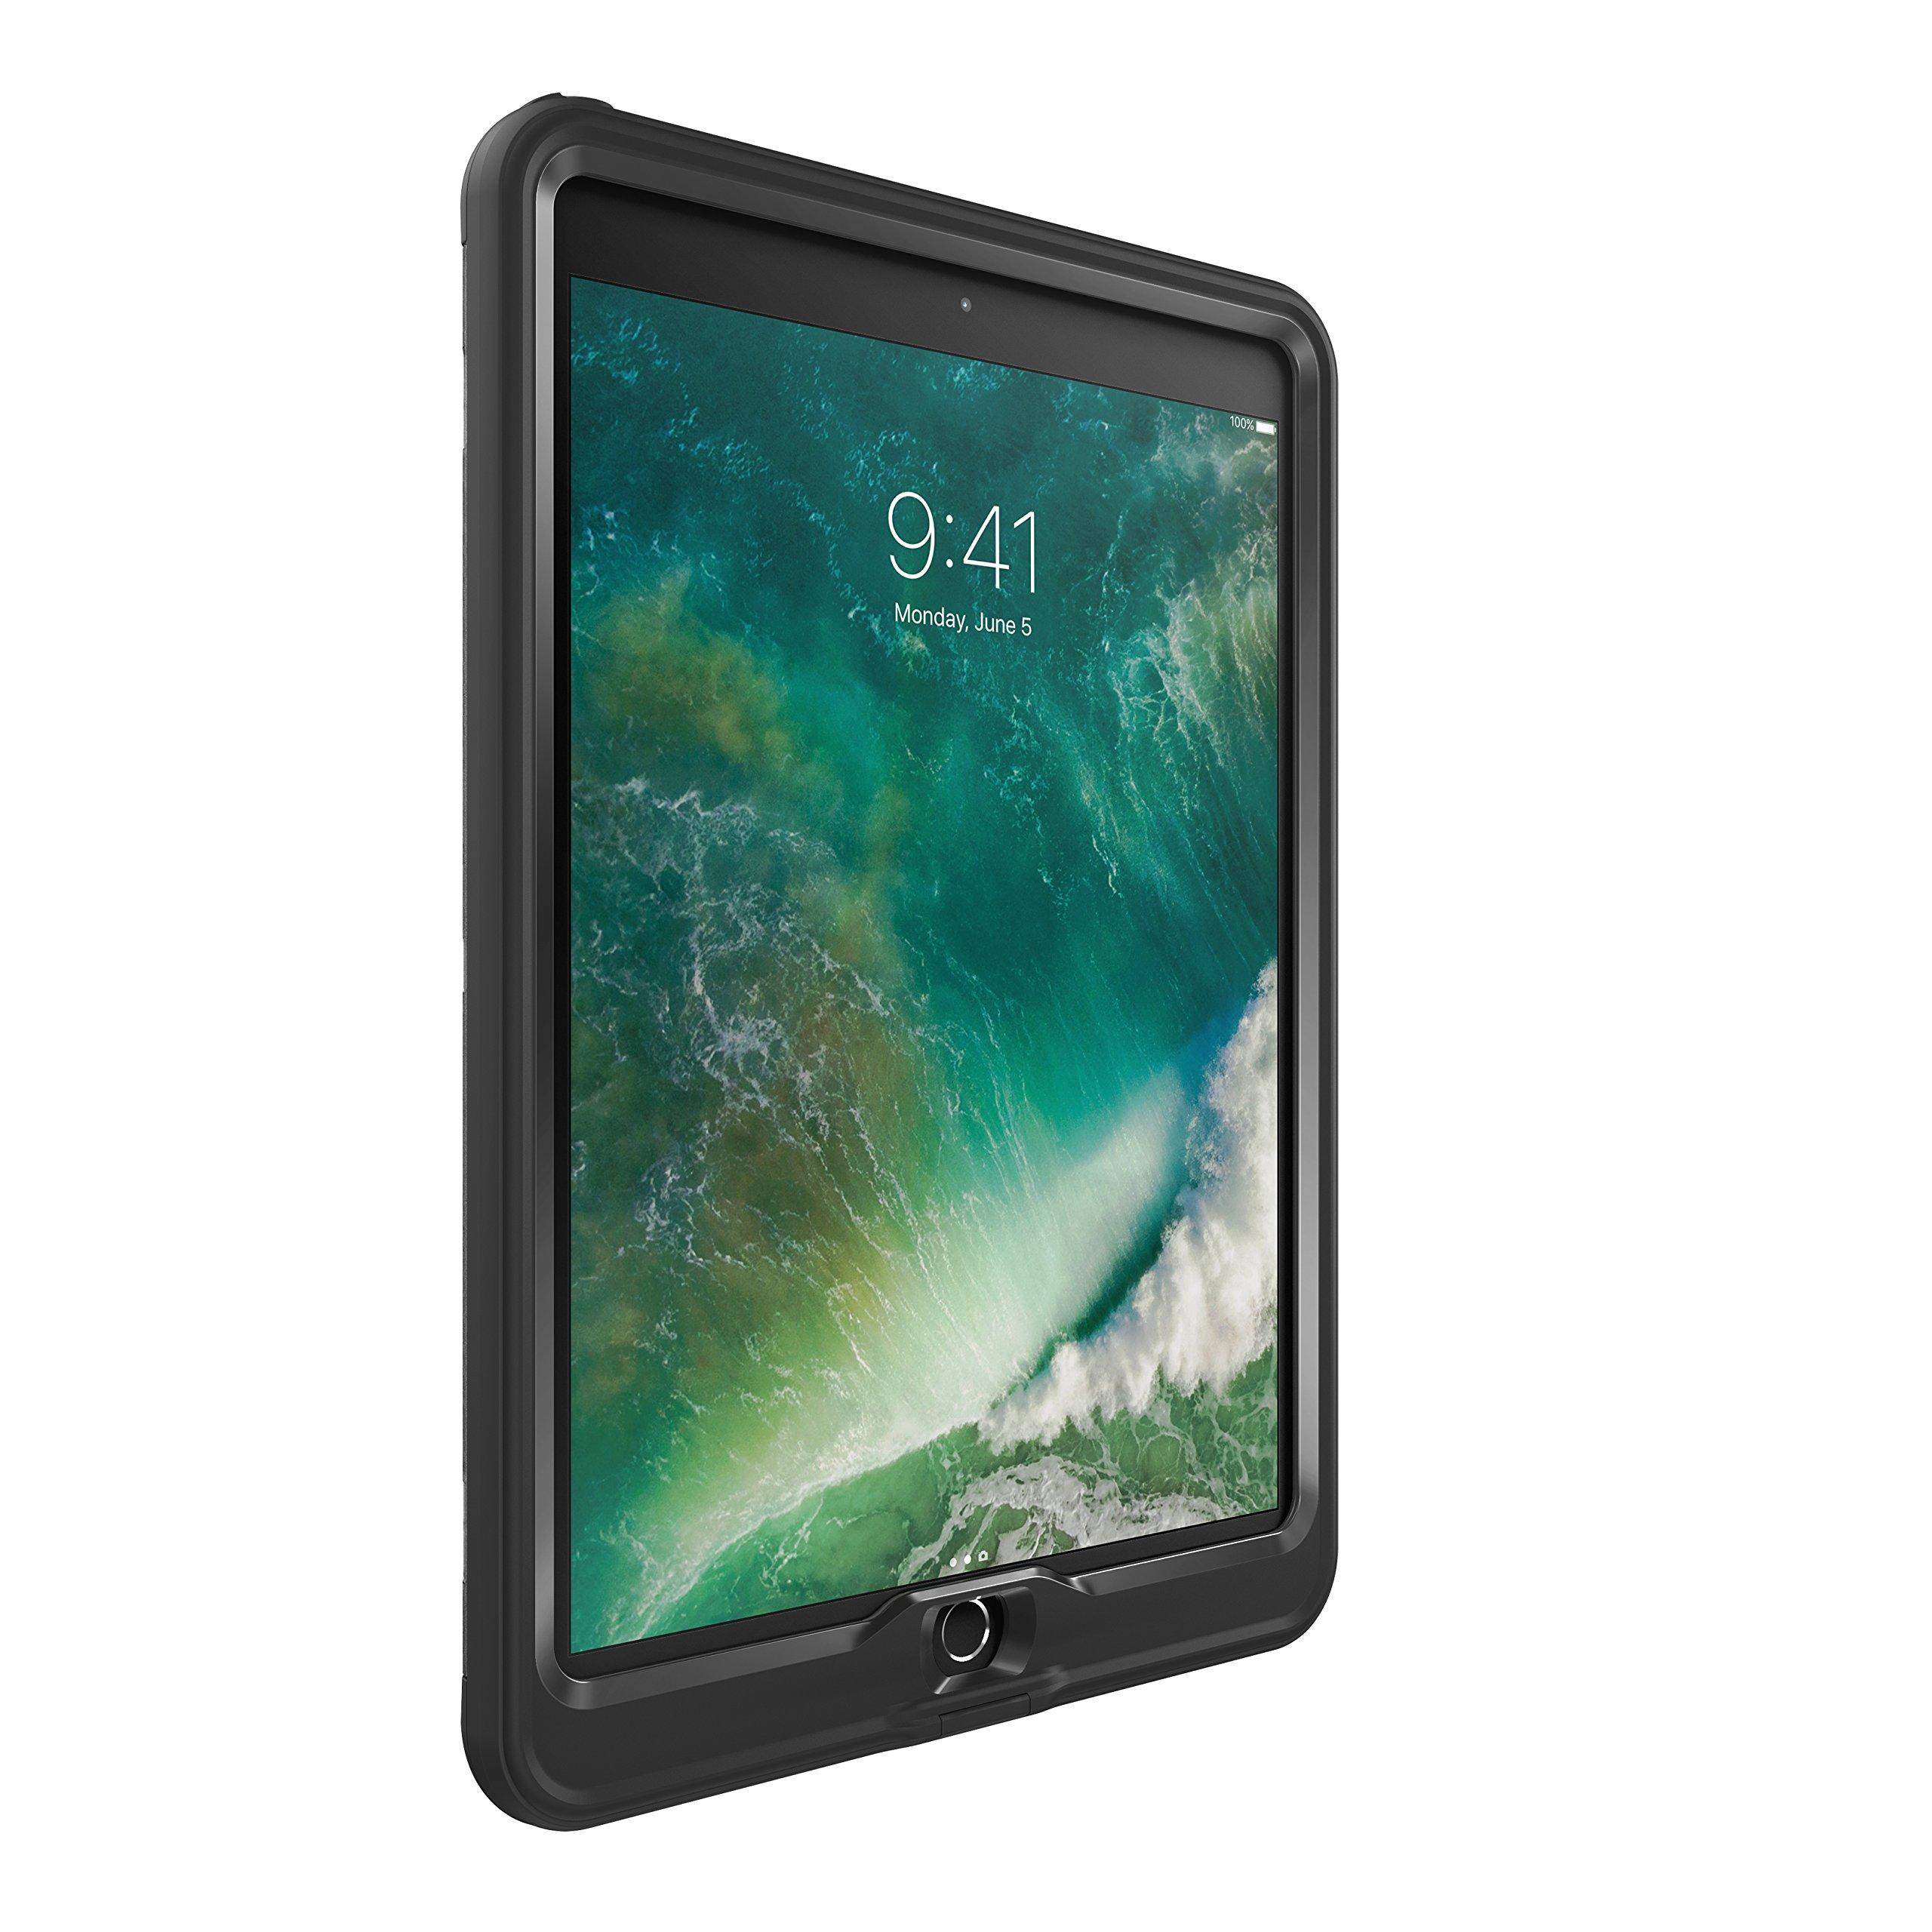 LifeProof NÜÜD SERIES Waterproof Case for iPad Pro (10.5'' - 2017 version) - Retail Packaging - BLACK